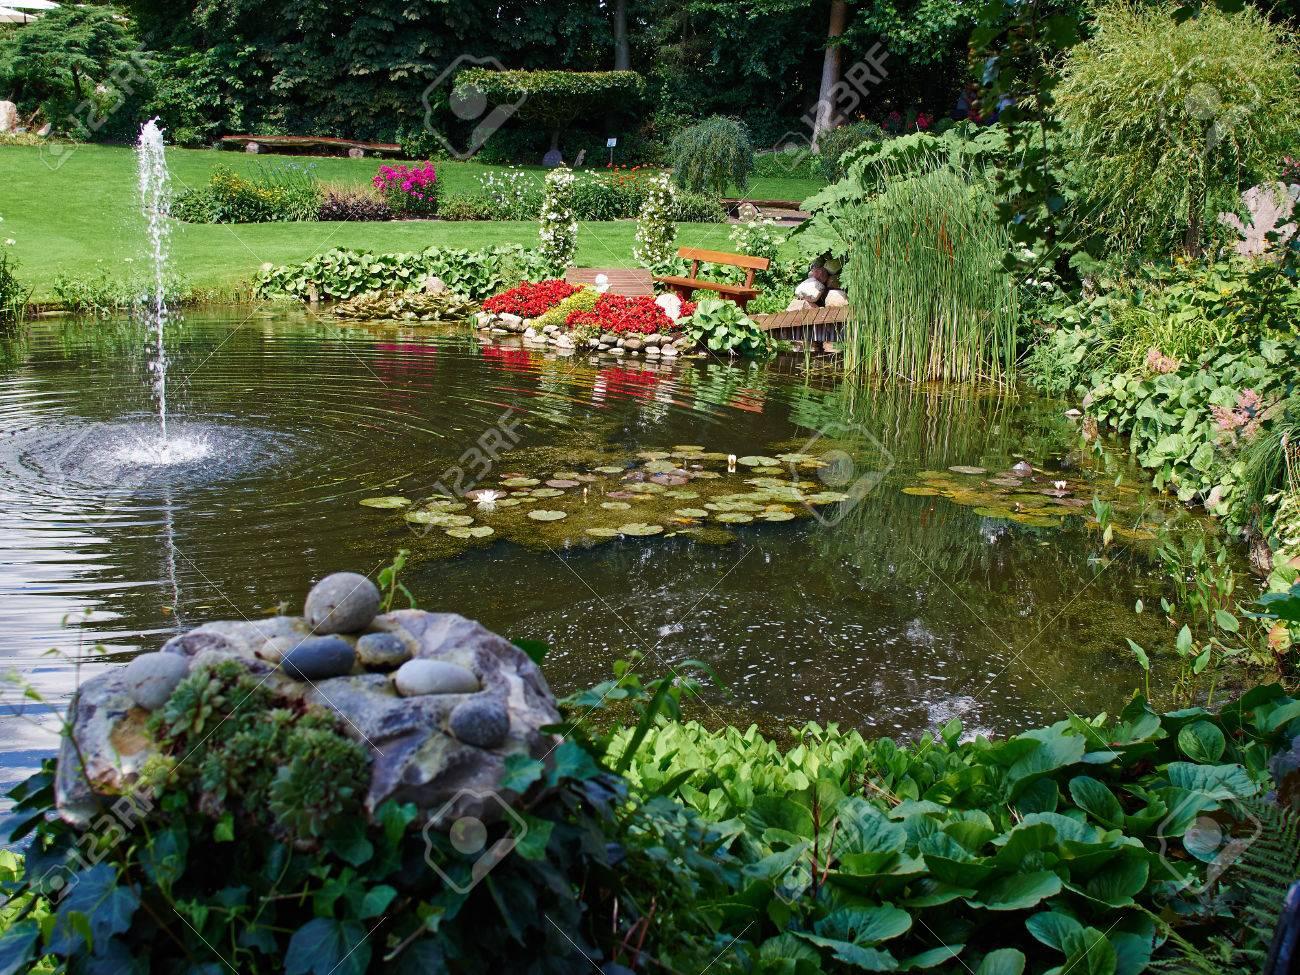 Full Size of Wasserbrunnen Garten Bohren Stein Brunnen Solar Kaufen Bauhaus Antik Solarbetrieben Gartenbrunnen Steine Obi Kugel Selber Bauen Amazon Pumpe Rund Garten Wasserbrunnen Garten